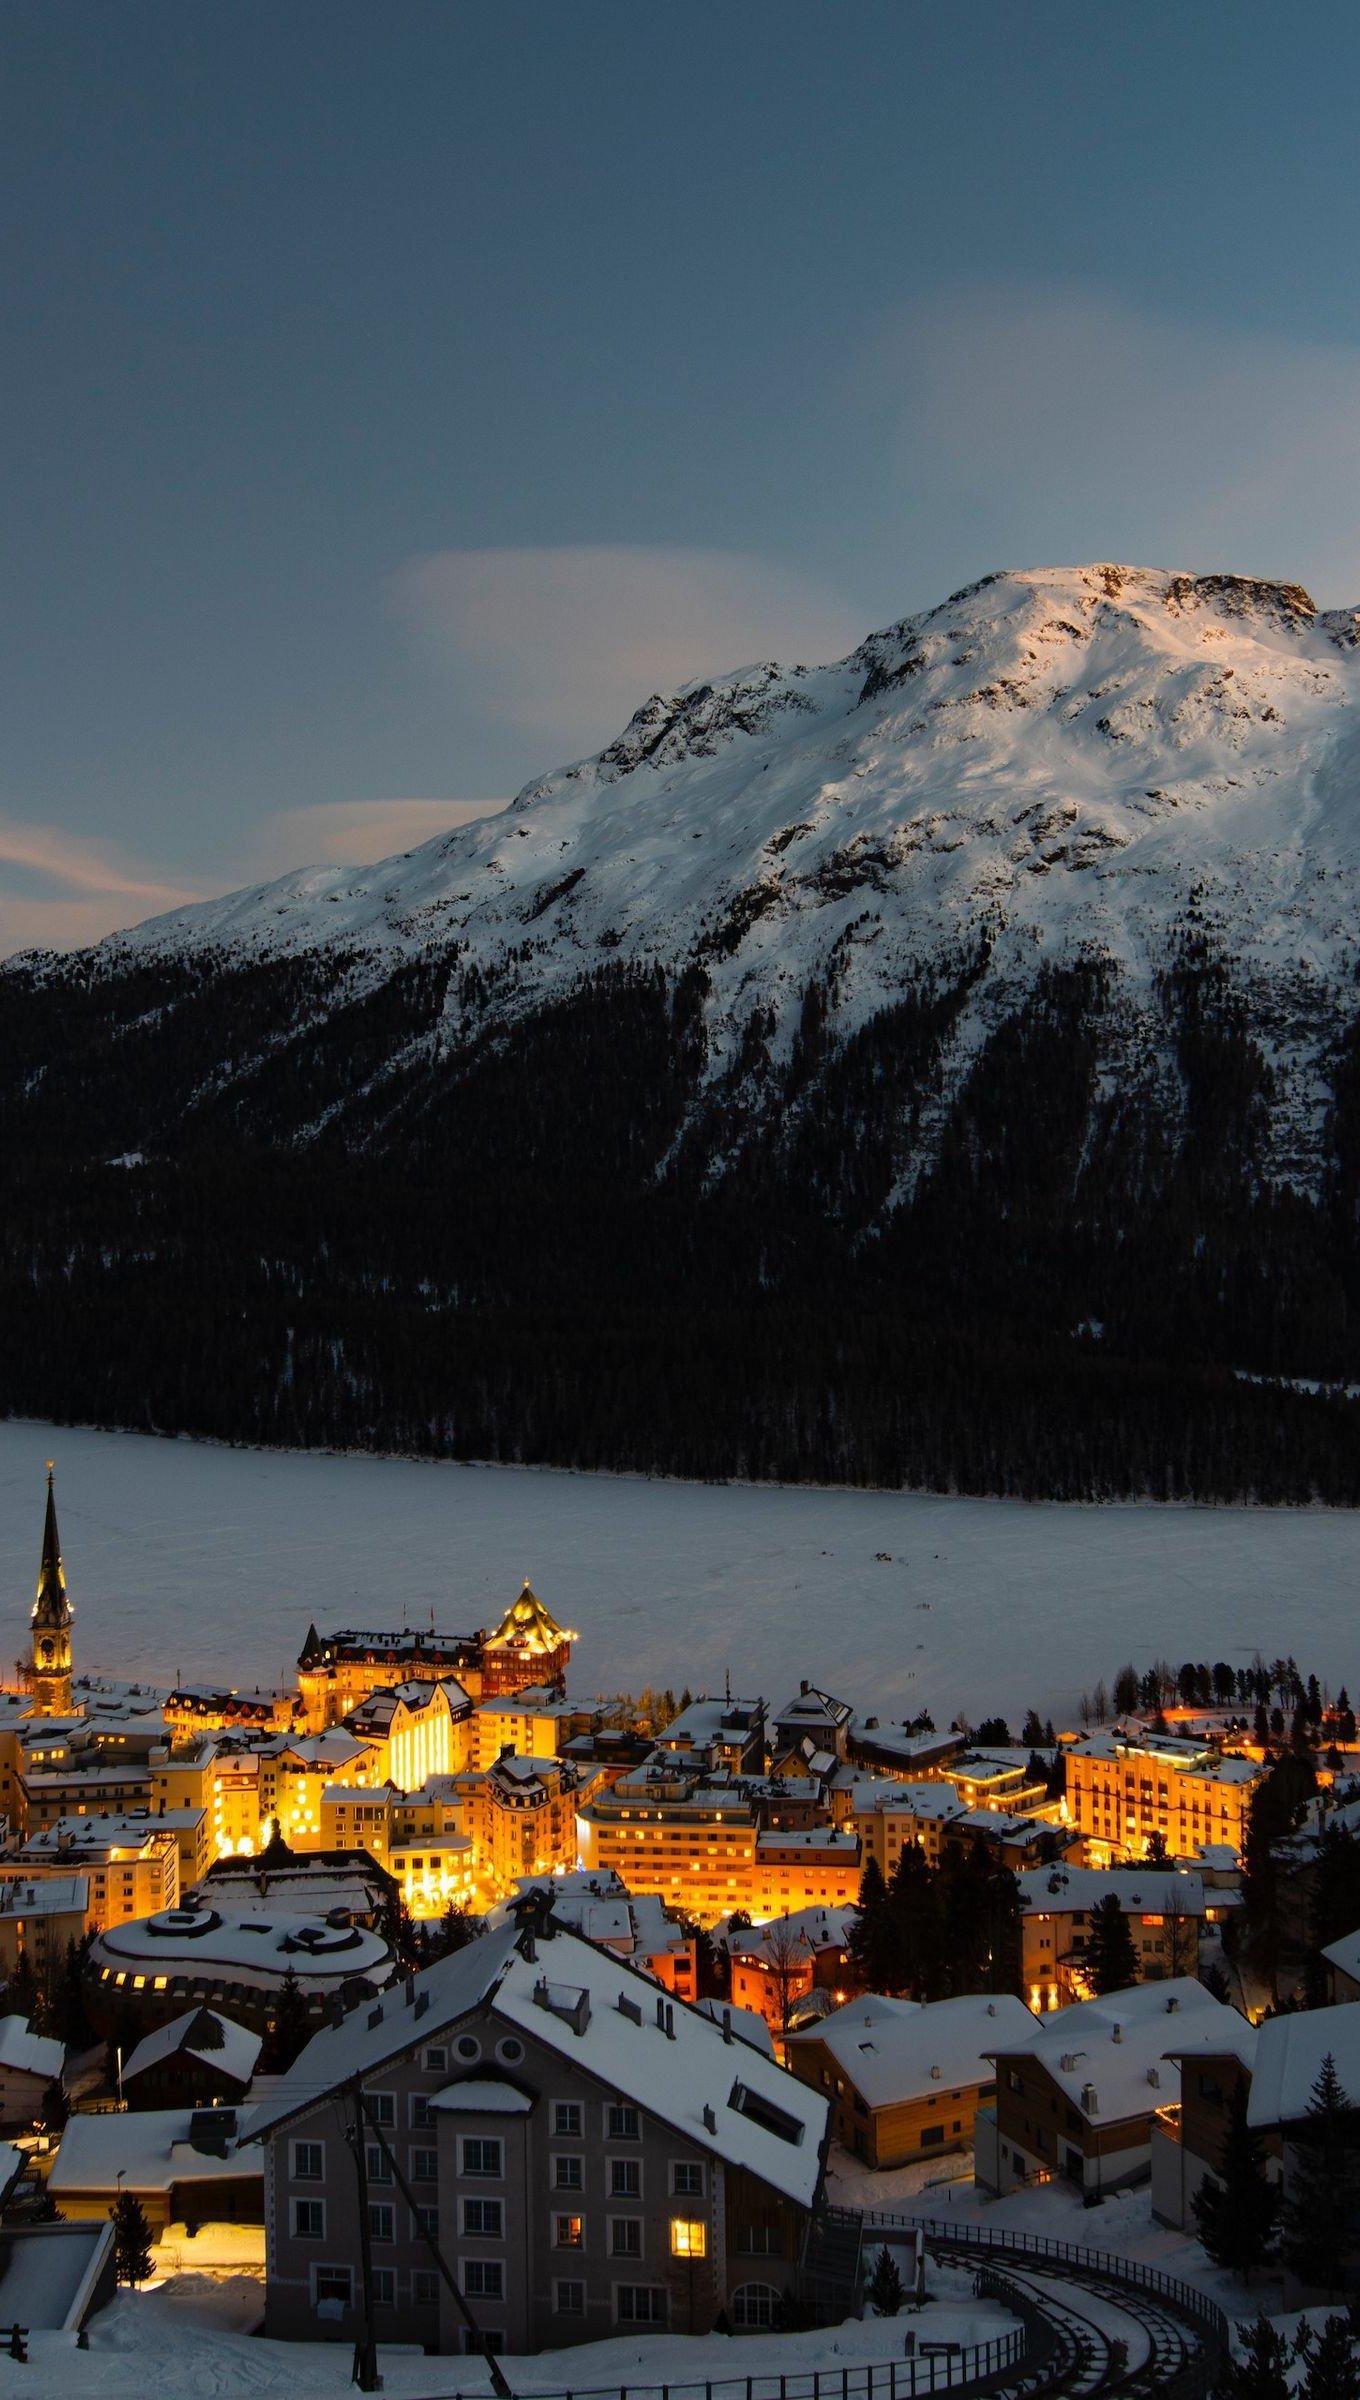 Fondos de pantalla Pueblo en invierno en montañas Vertical